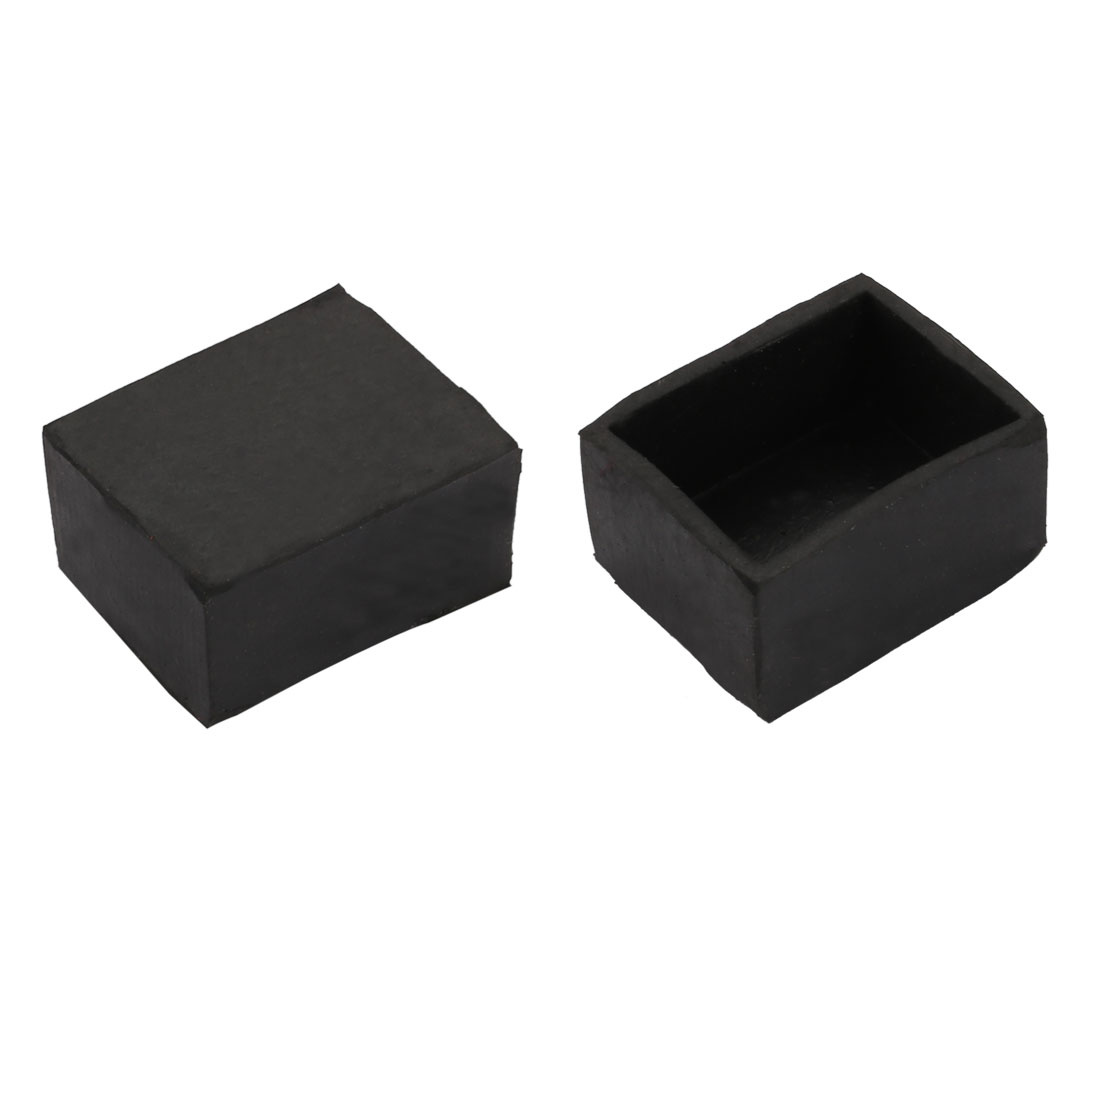 Anezus 24 Value 560 Pcs Electrolytic Capacitor Assortment Box Kit Range 0.1uF-1000uF